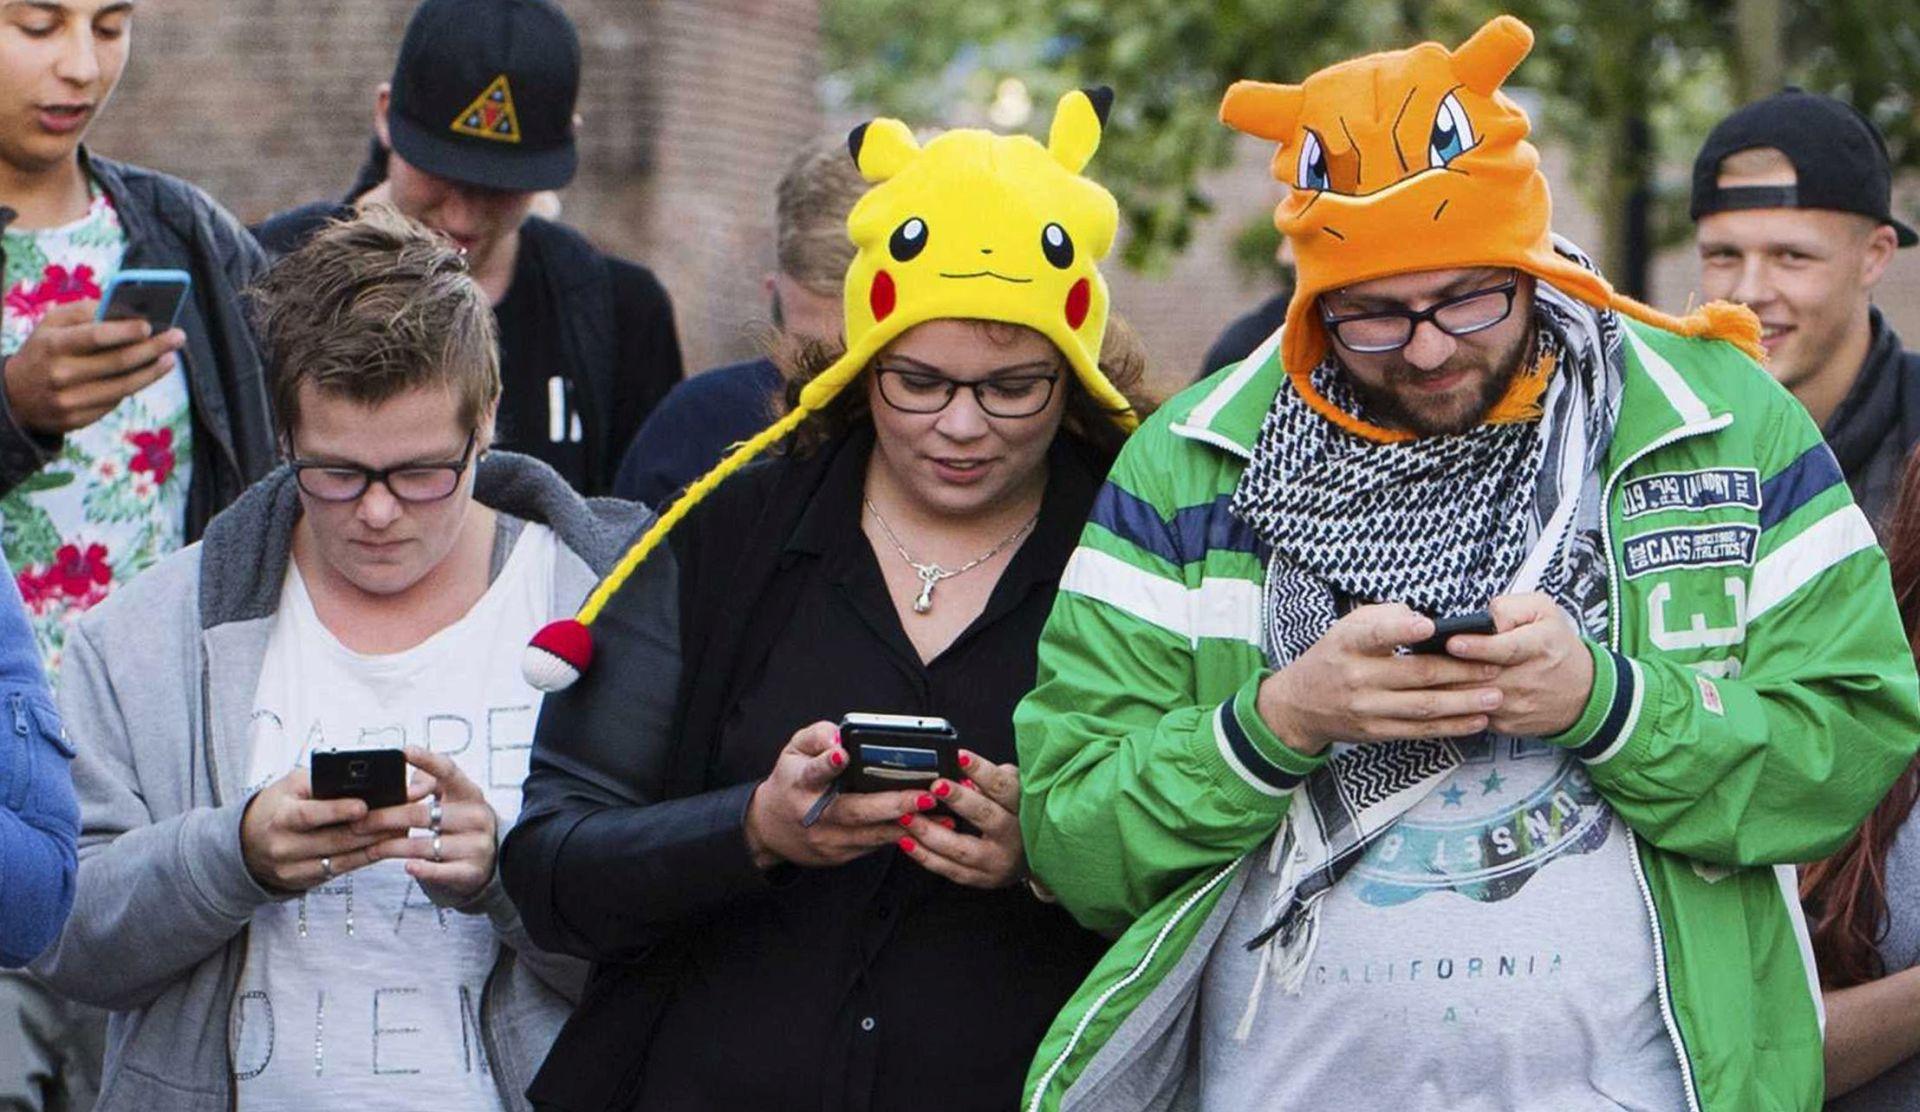 """'MORAŠ SKUPIT SVE' HGSS: """"Dragi turisti, molimo vas da ne naganjate Pokemone po Velebitu i Biokovu"""""""